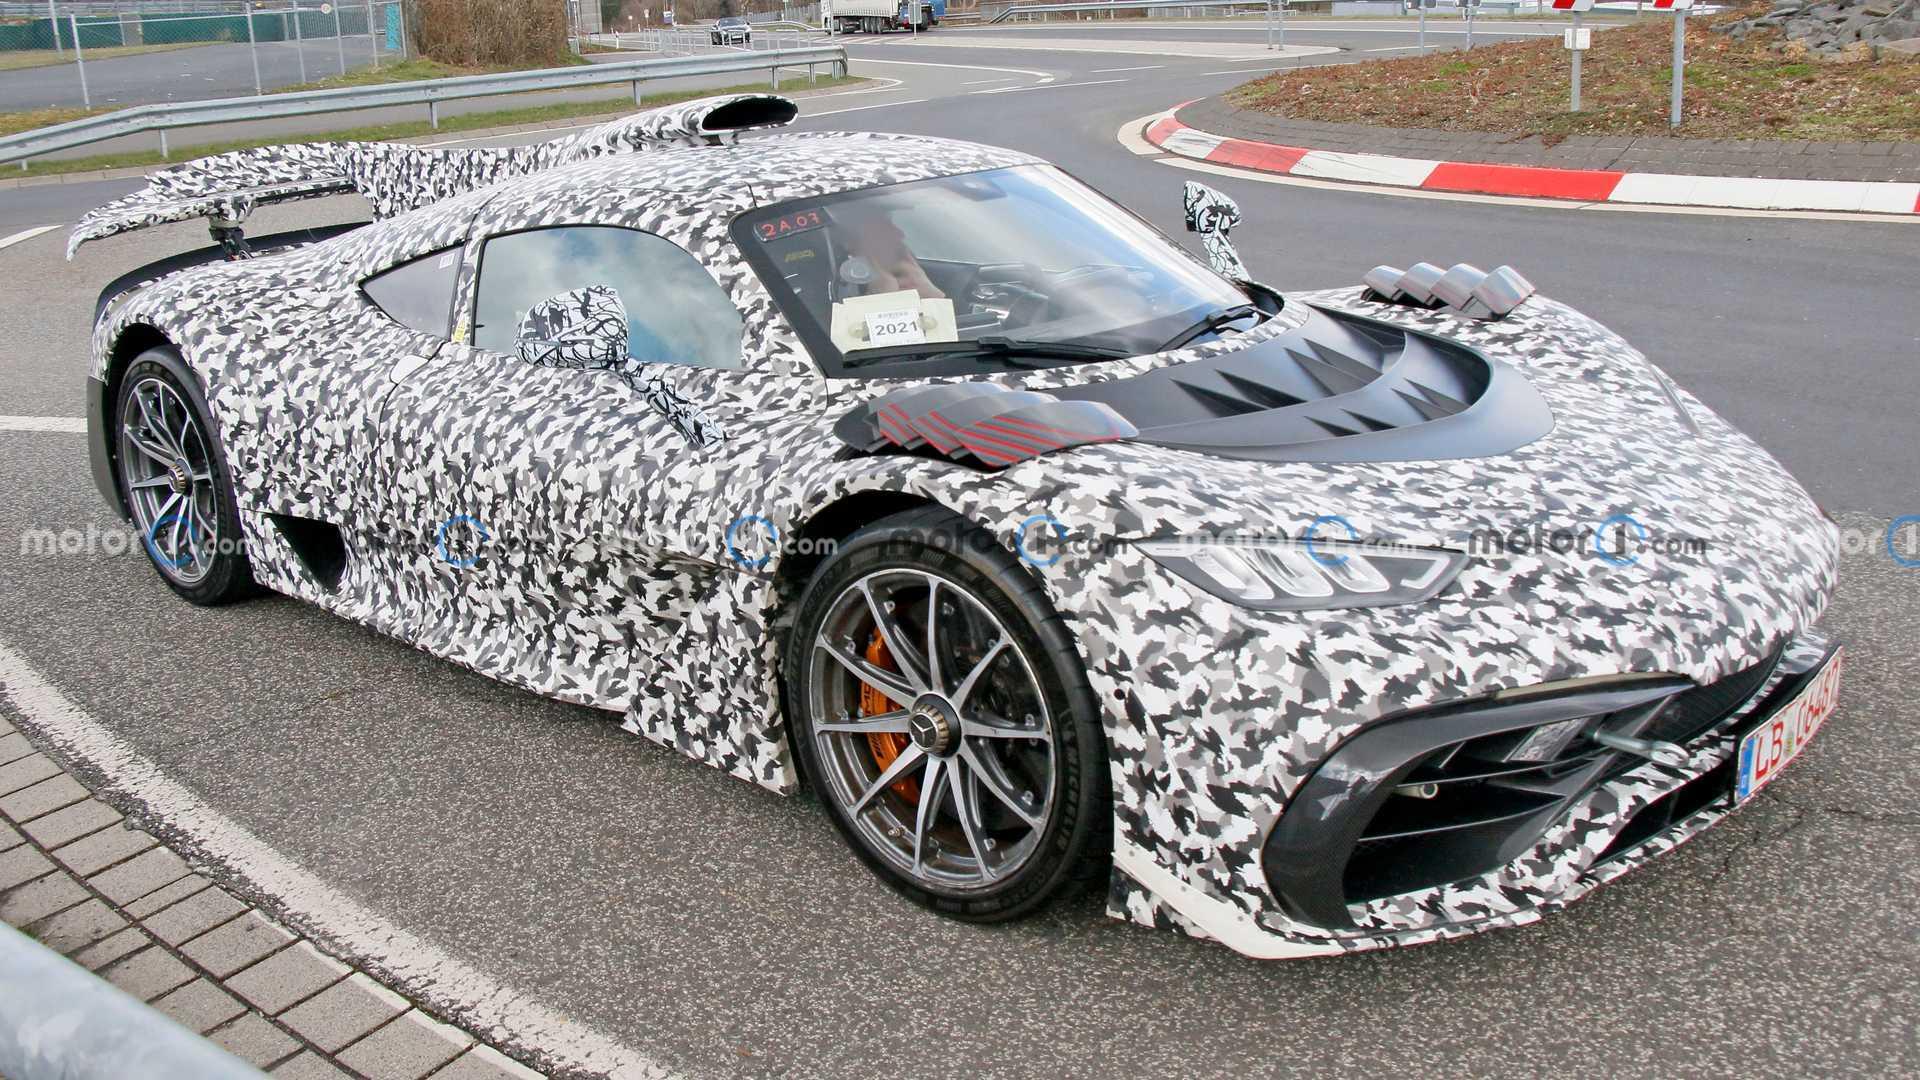 تصاویر جاسوسی Mercedes-AMG One مشخصات آن را لو داد